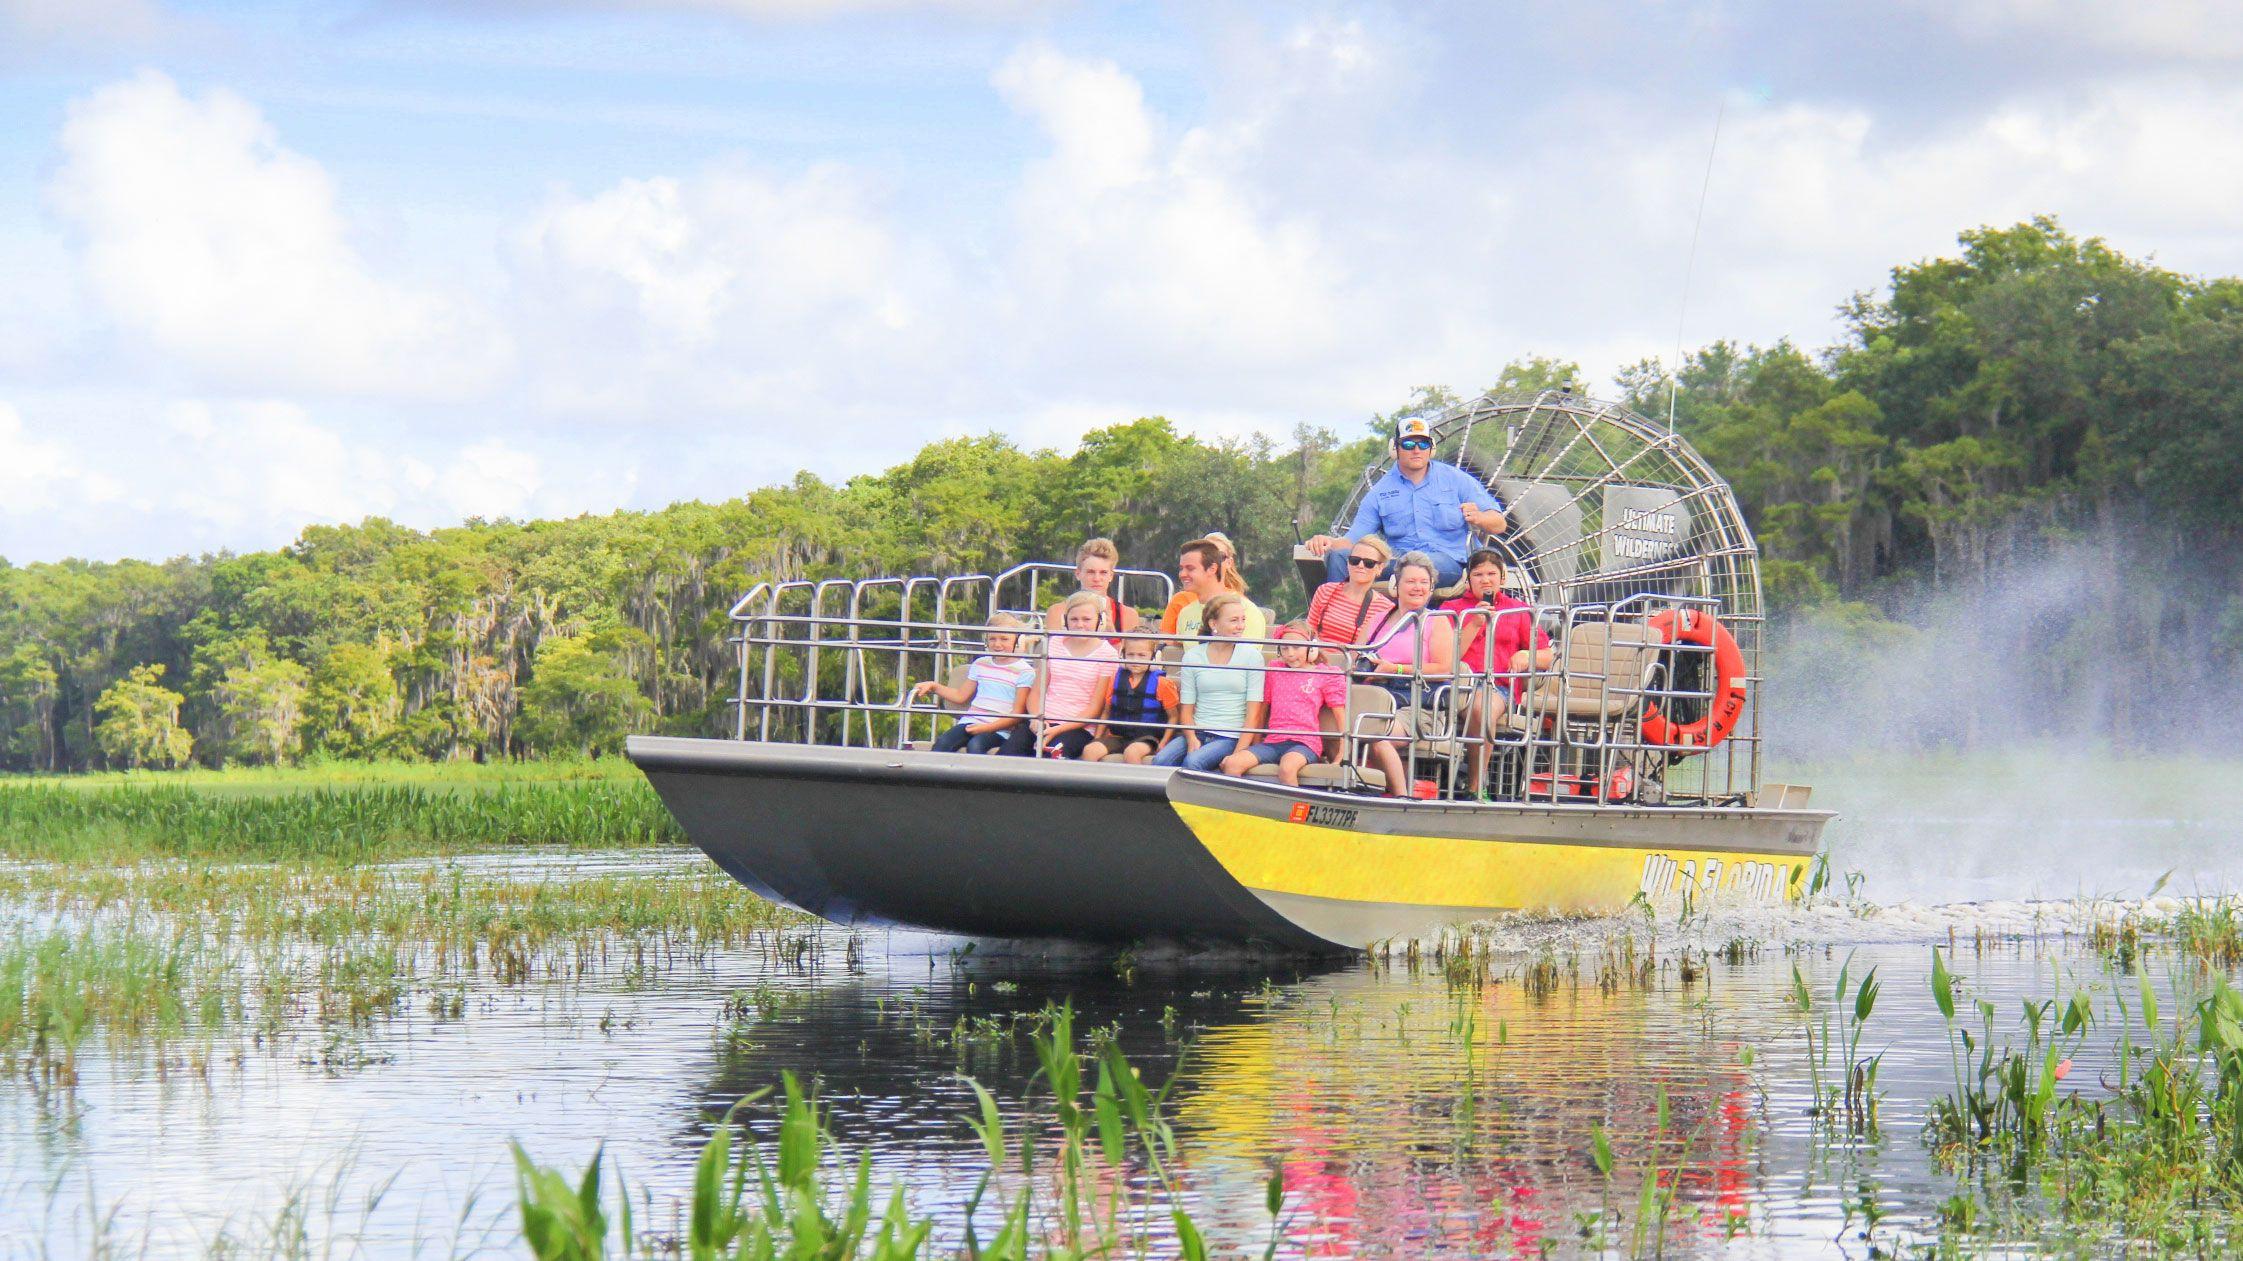 Sortie en hydroglisseur dans la Floride sauvage - 30 minutes